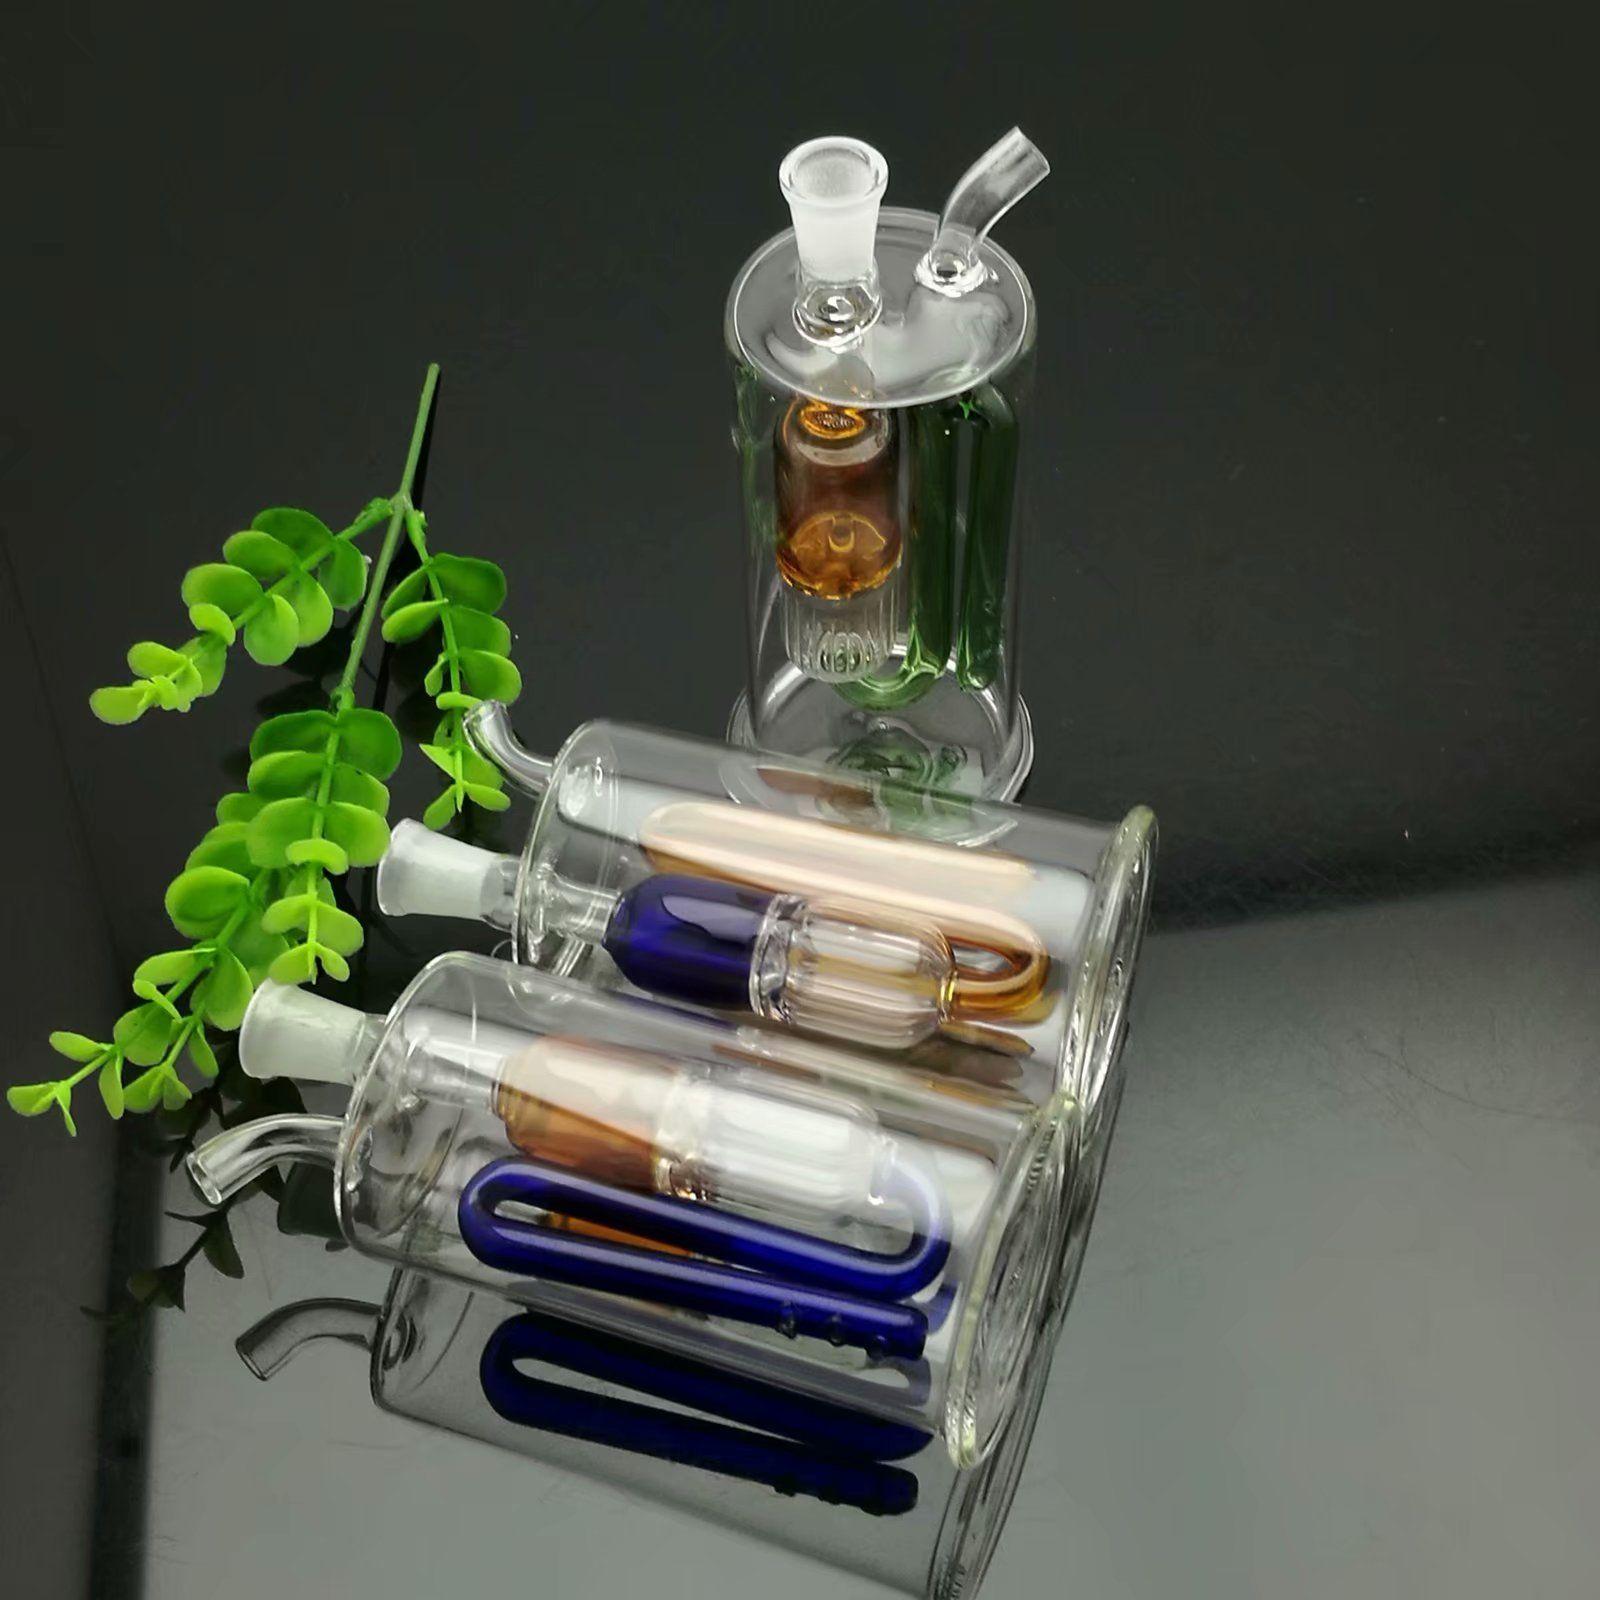 Narguilé en verre de filtre à plis multiples, narguilé en verre, raccords de tuyauterie en verre, fumeur, bateau libre